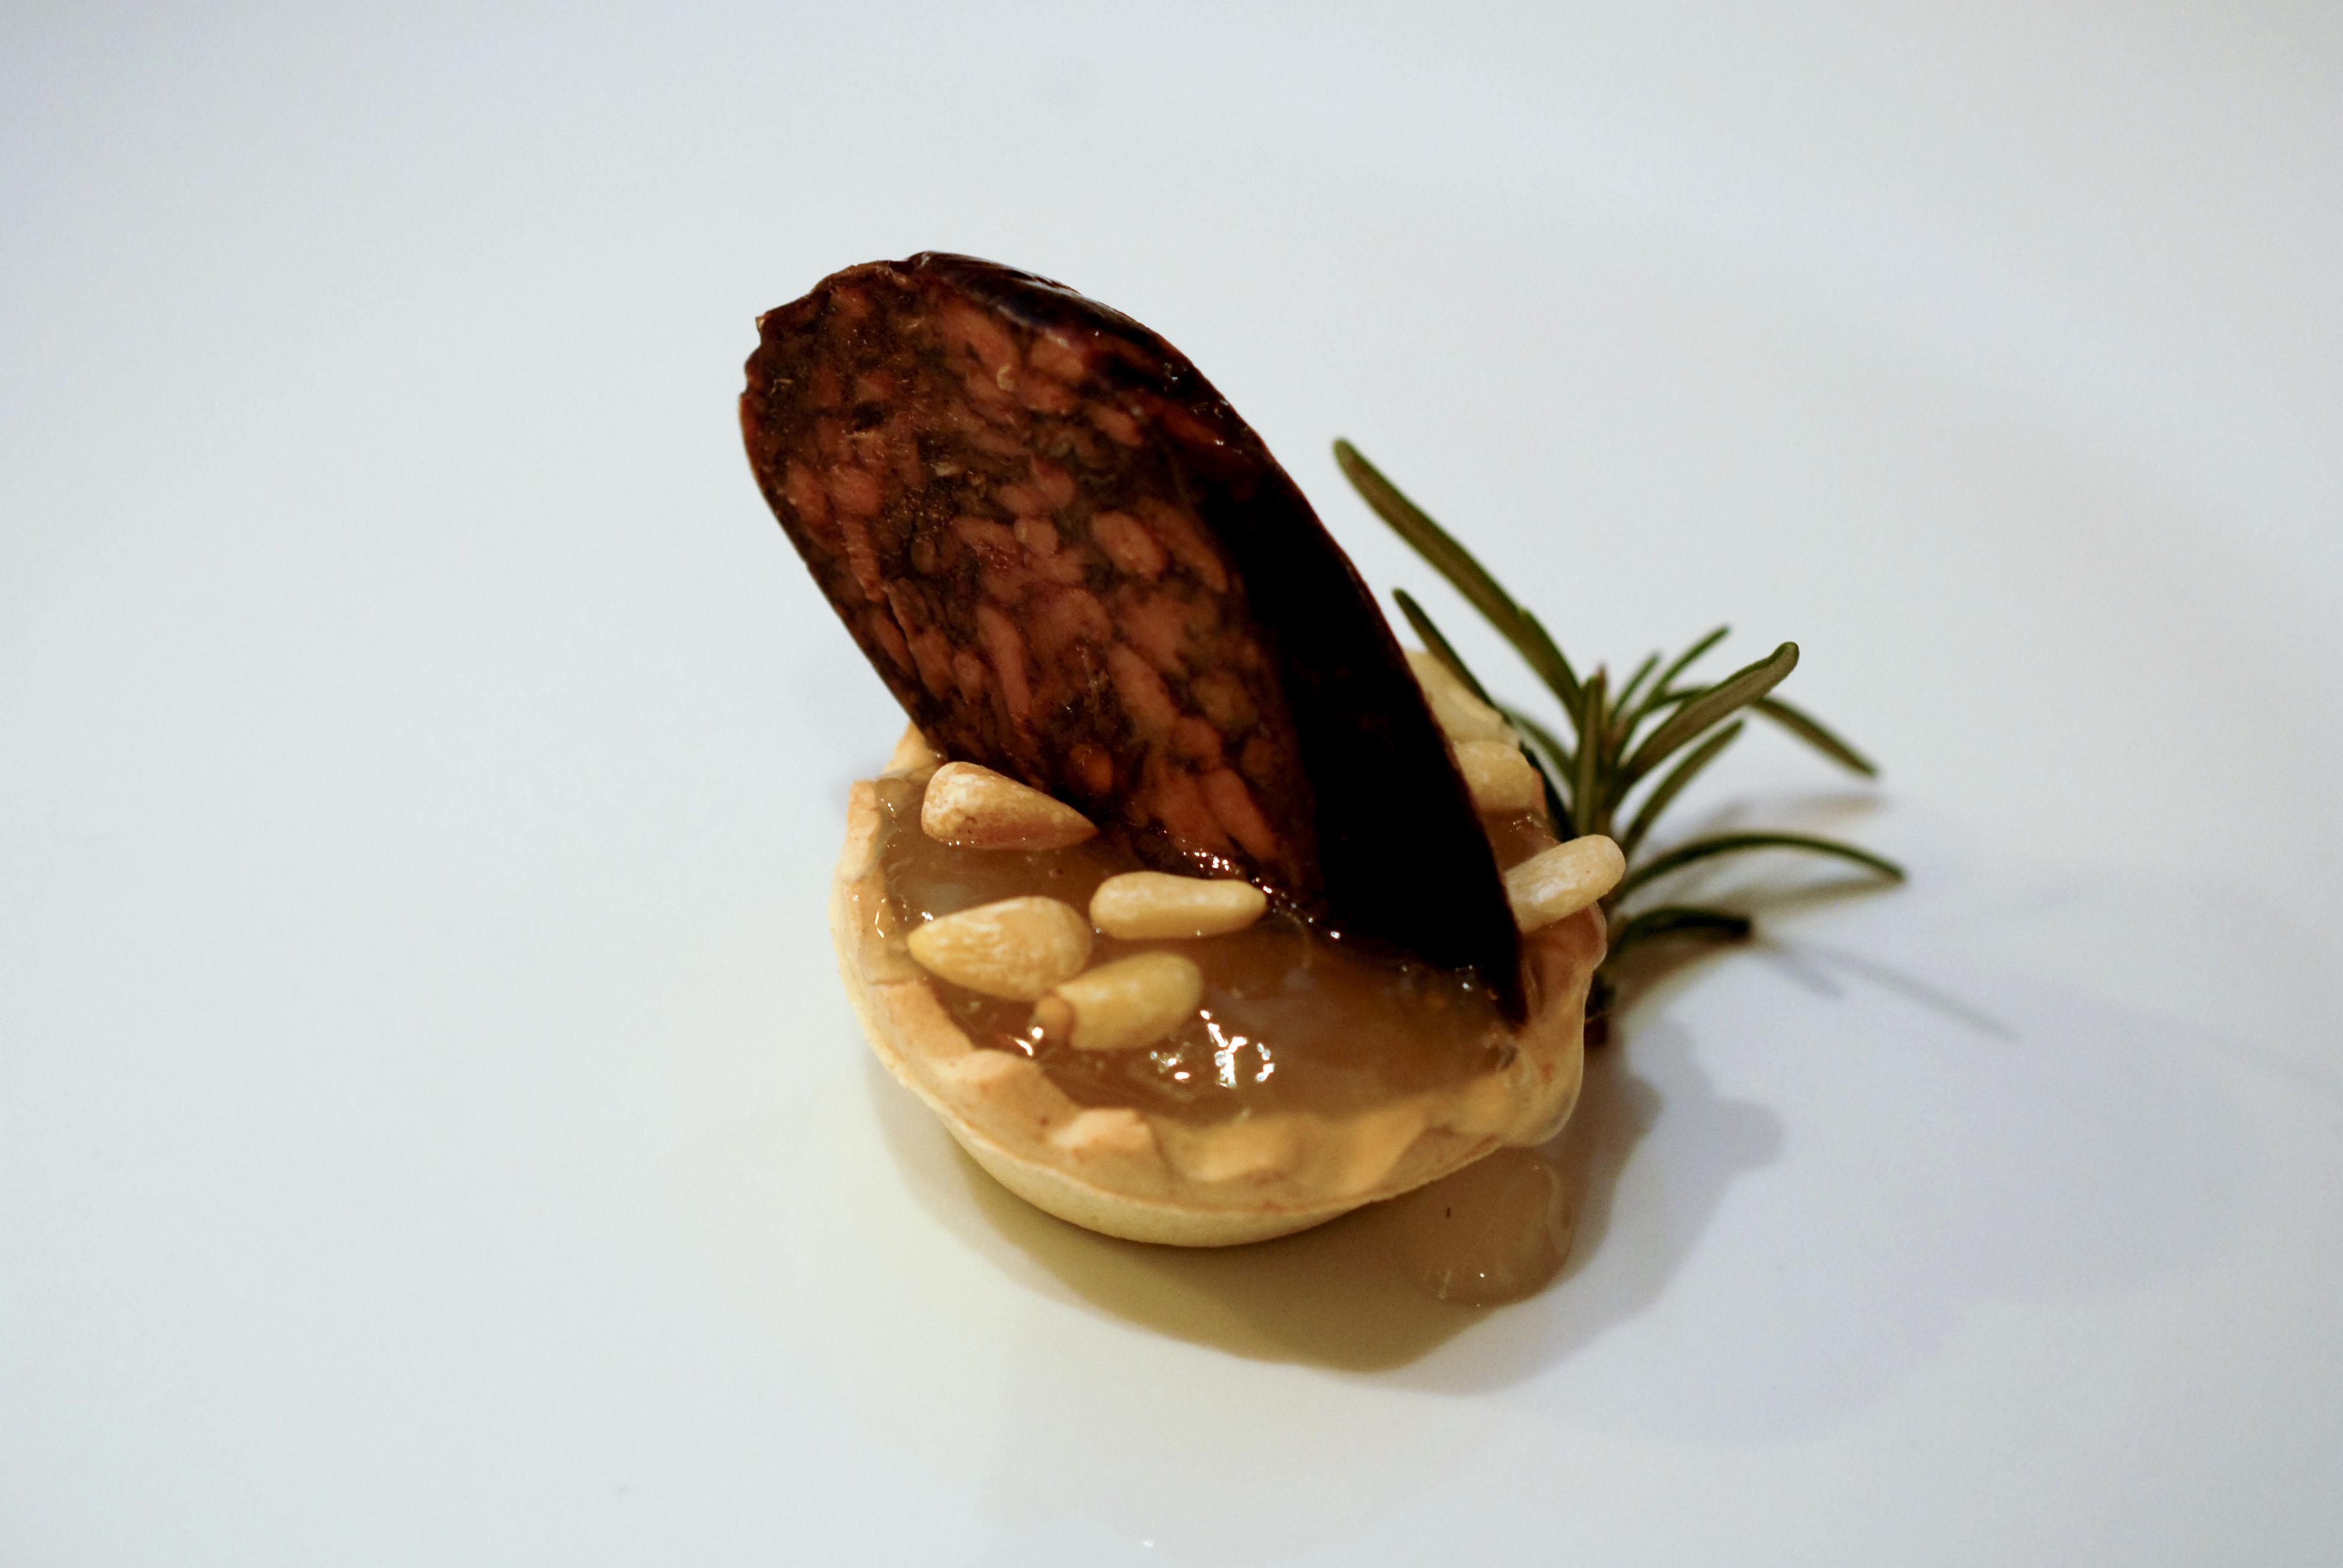 tartaleta-con-morcilla-pinioones-y-mermelada-de-cebolla